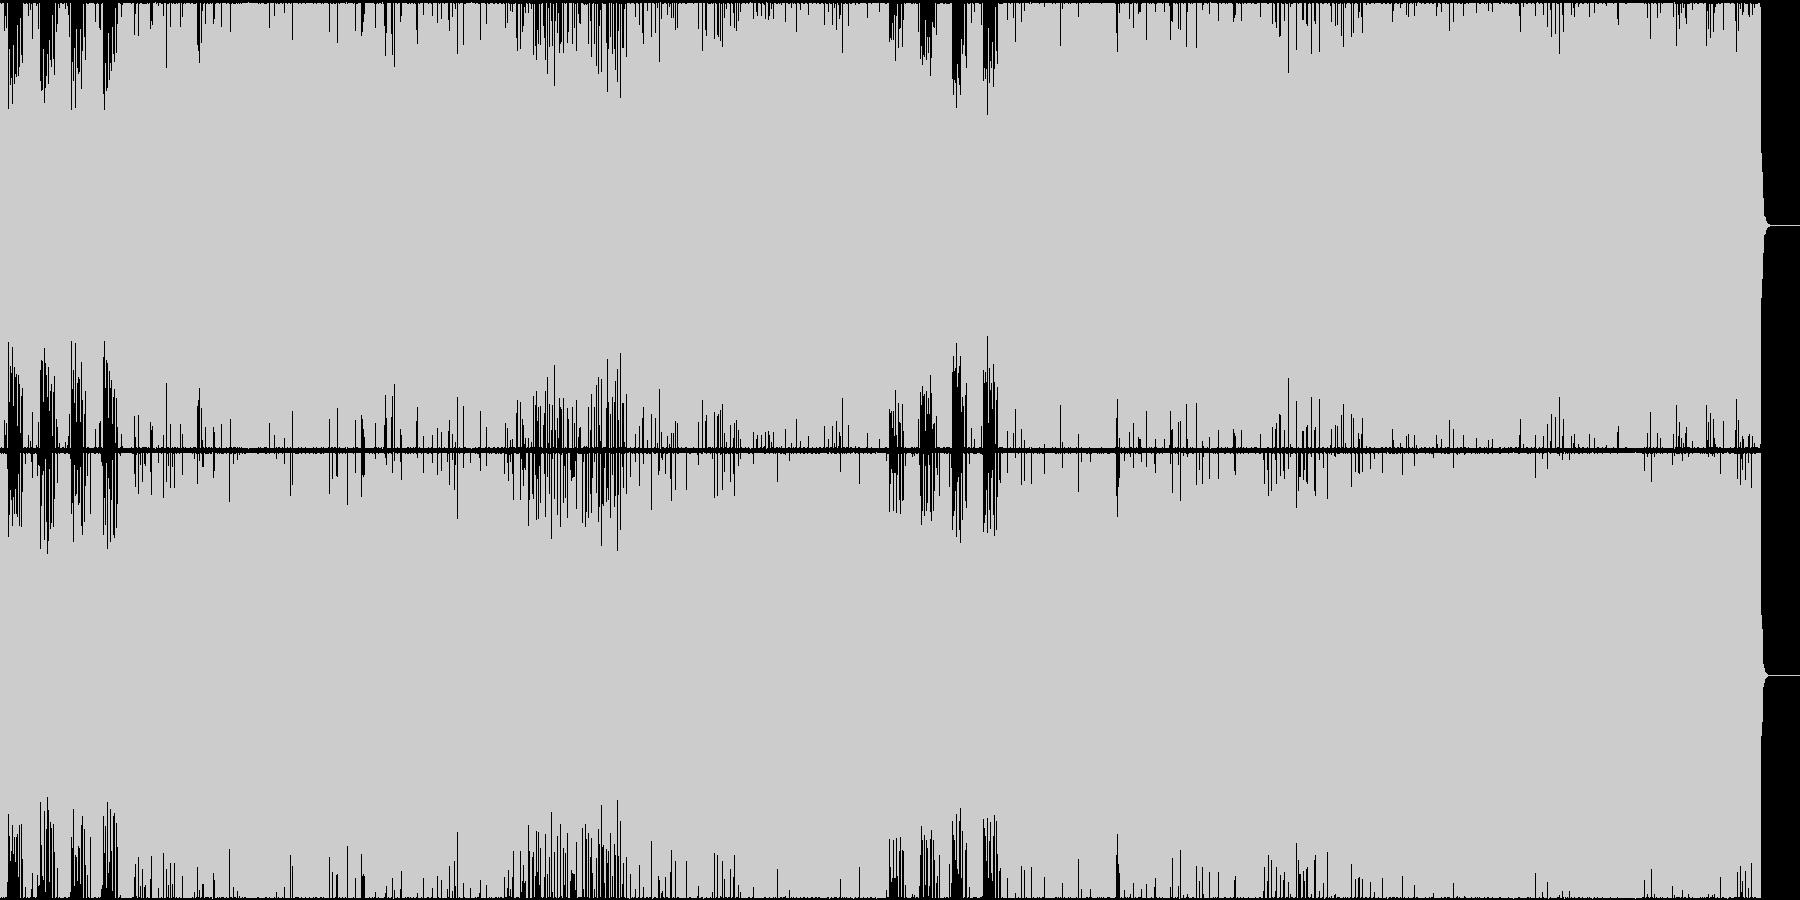 バトル系の緊張感のあるデジタル・ロックの未再生の波形